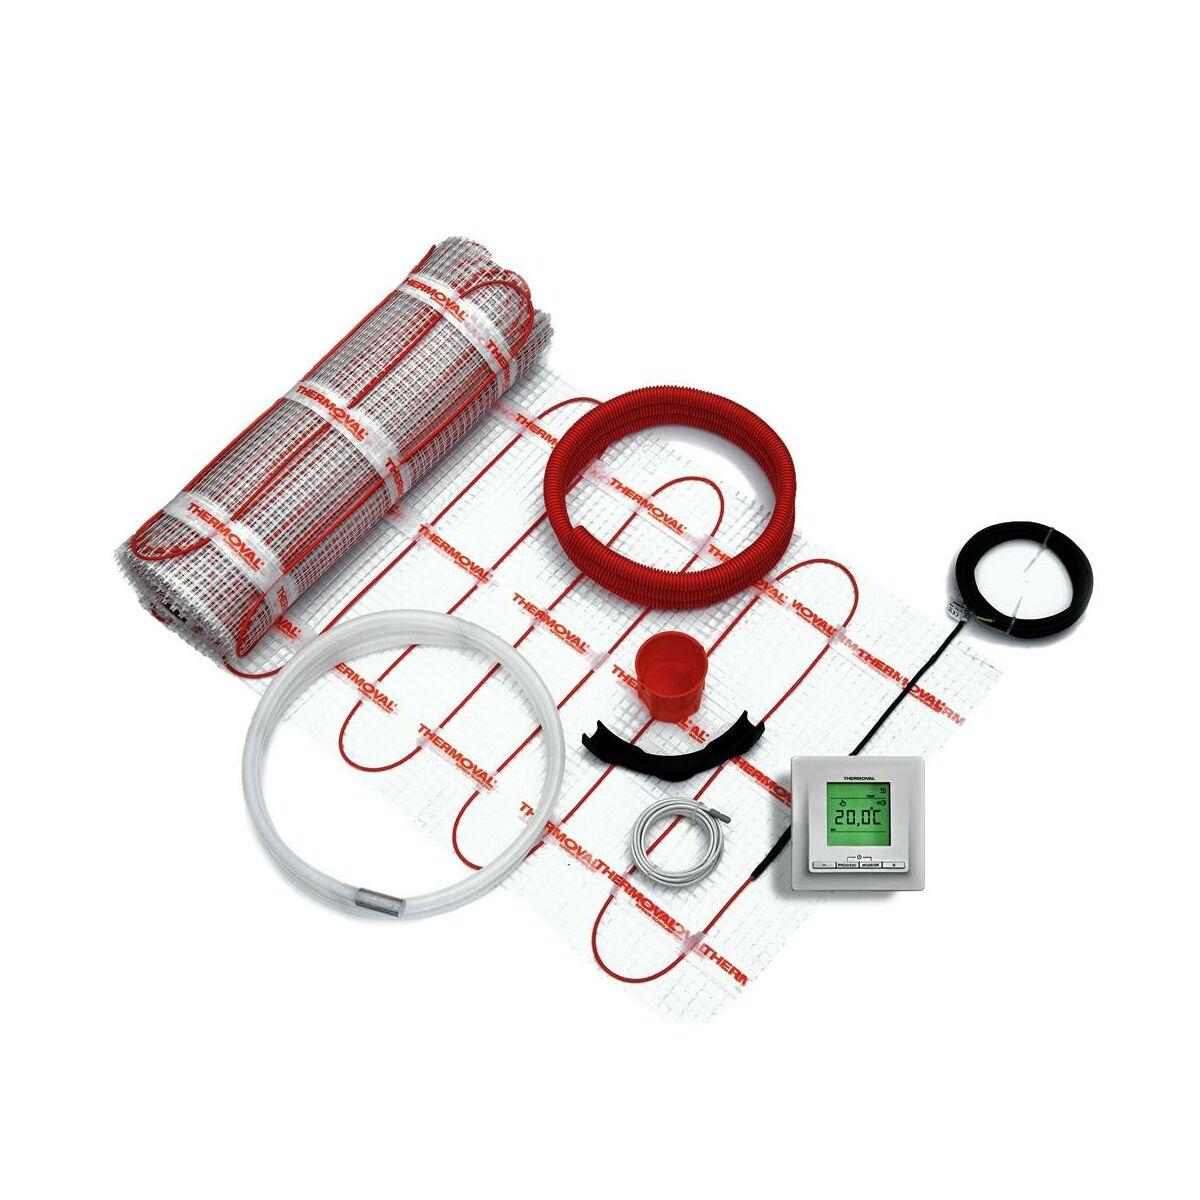 Zestaw Grzewczy Z Regulatorem 1360 W 8 M2 Thermoval Ogrzewanie Podlogowe Elektryczne W Atrakcyjnej Cenie W Sklepach Leroy Merlin